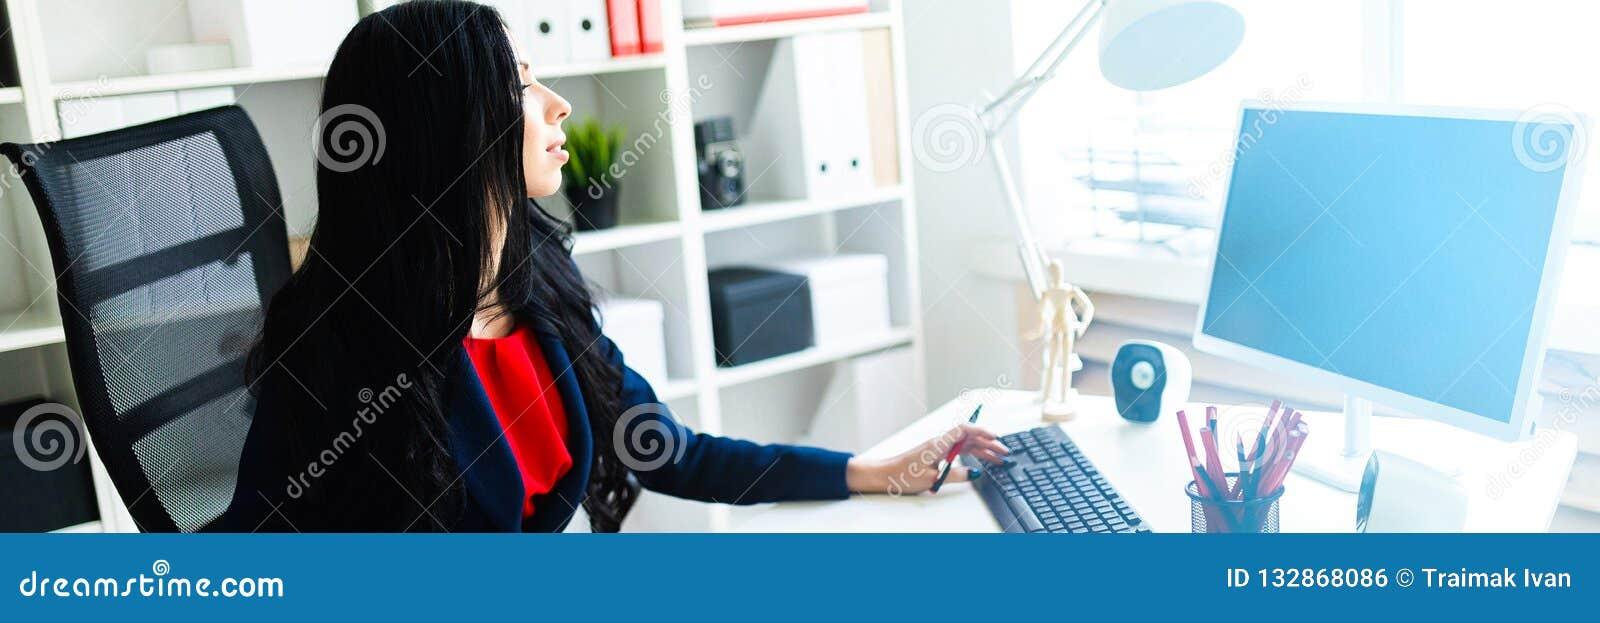 Härlig ung flicka som arbetar med datoren och dokument i kontoret på tabellen